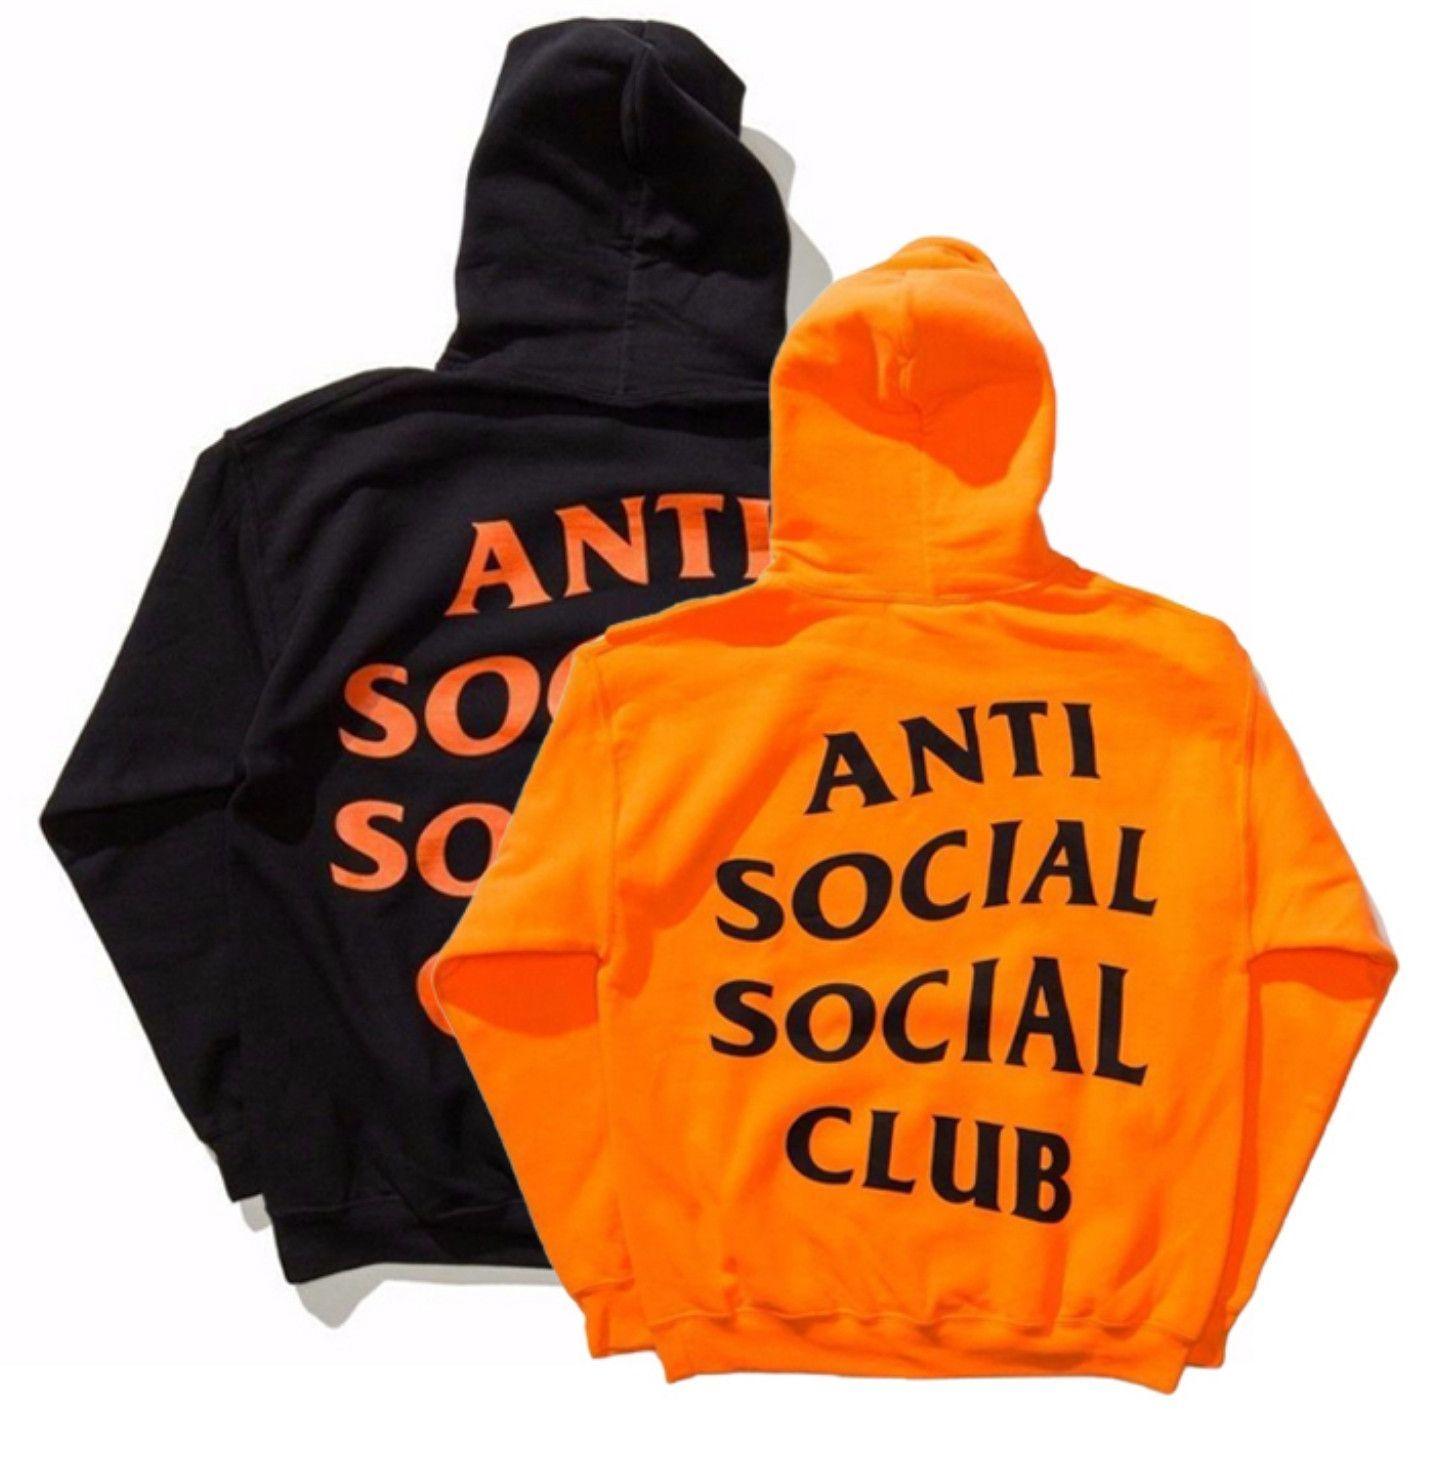 Anti Social Social Club Hoodies Anti social social club